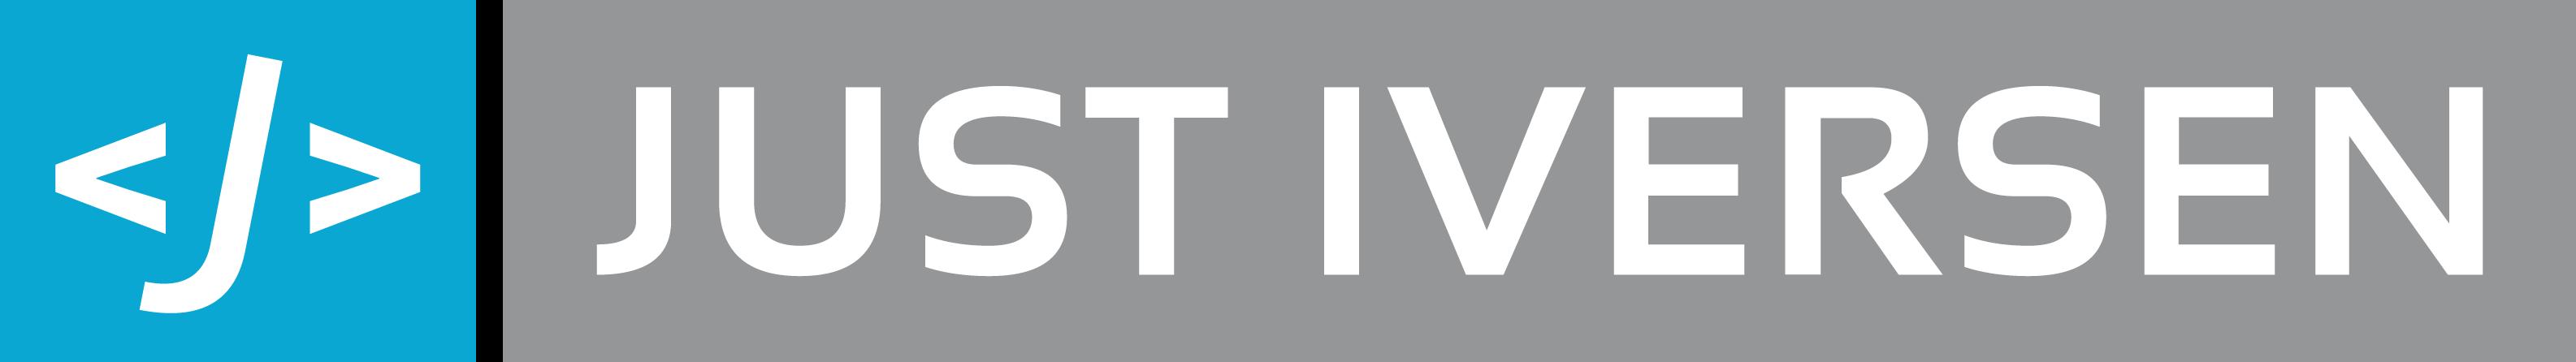 Just Iversen logo